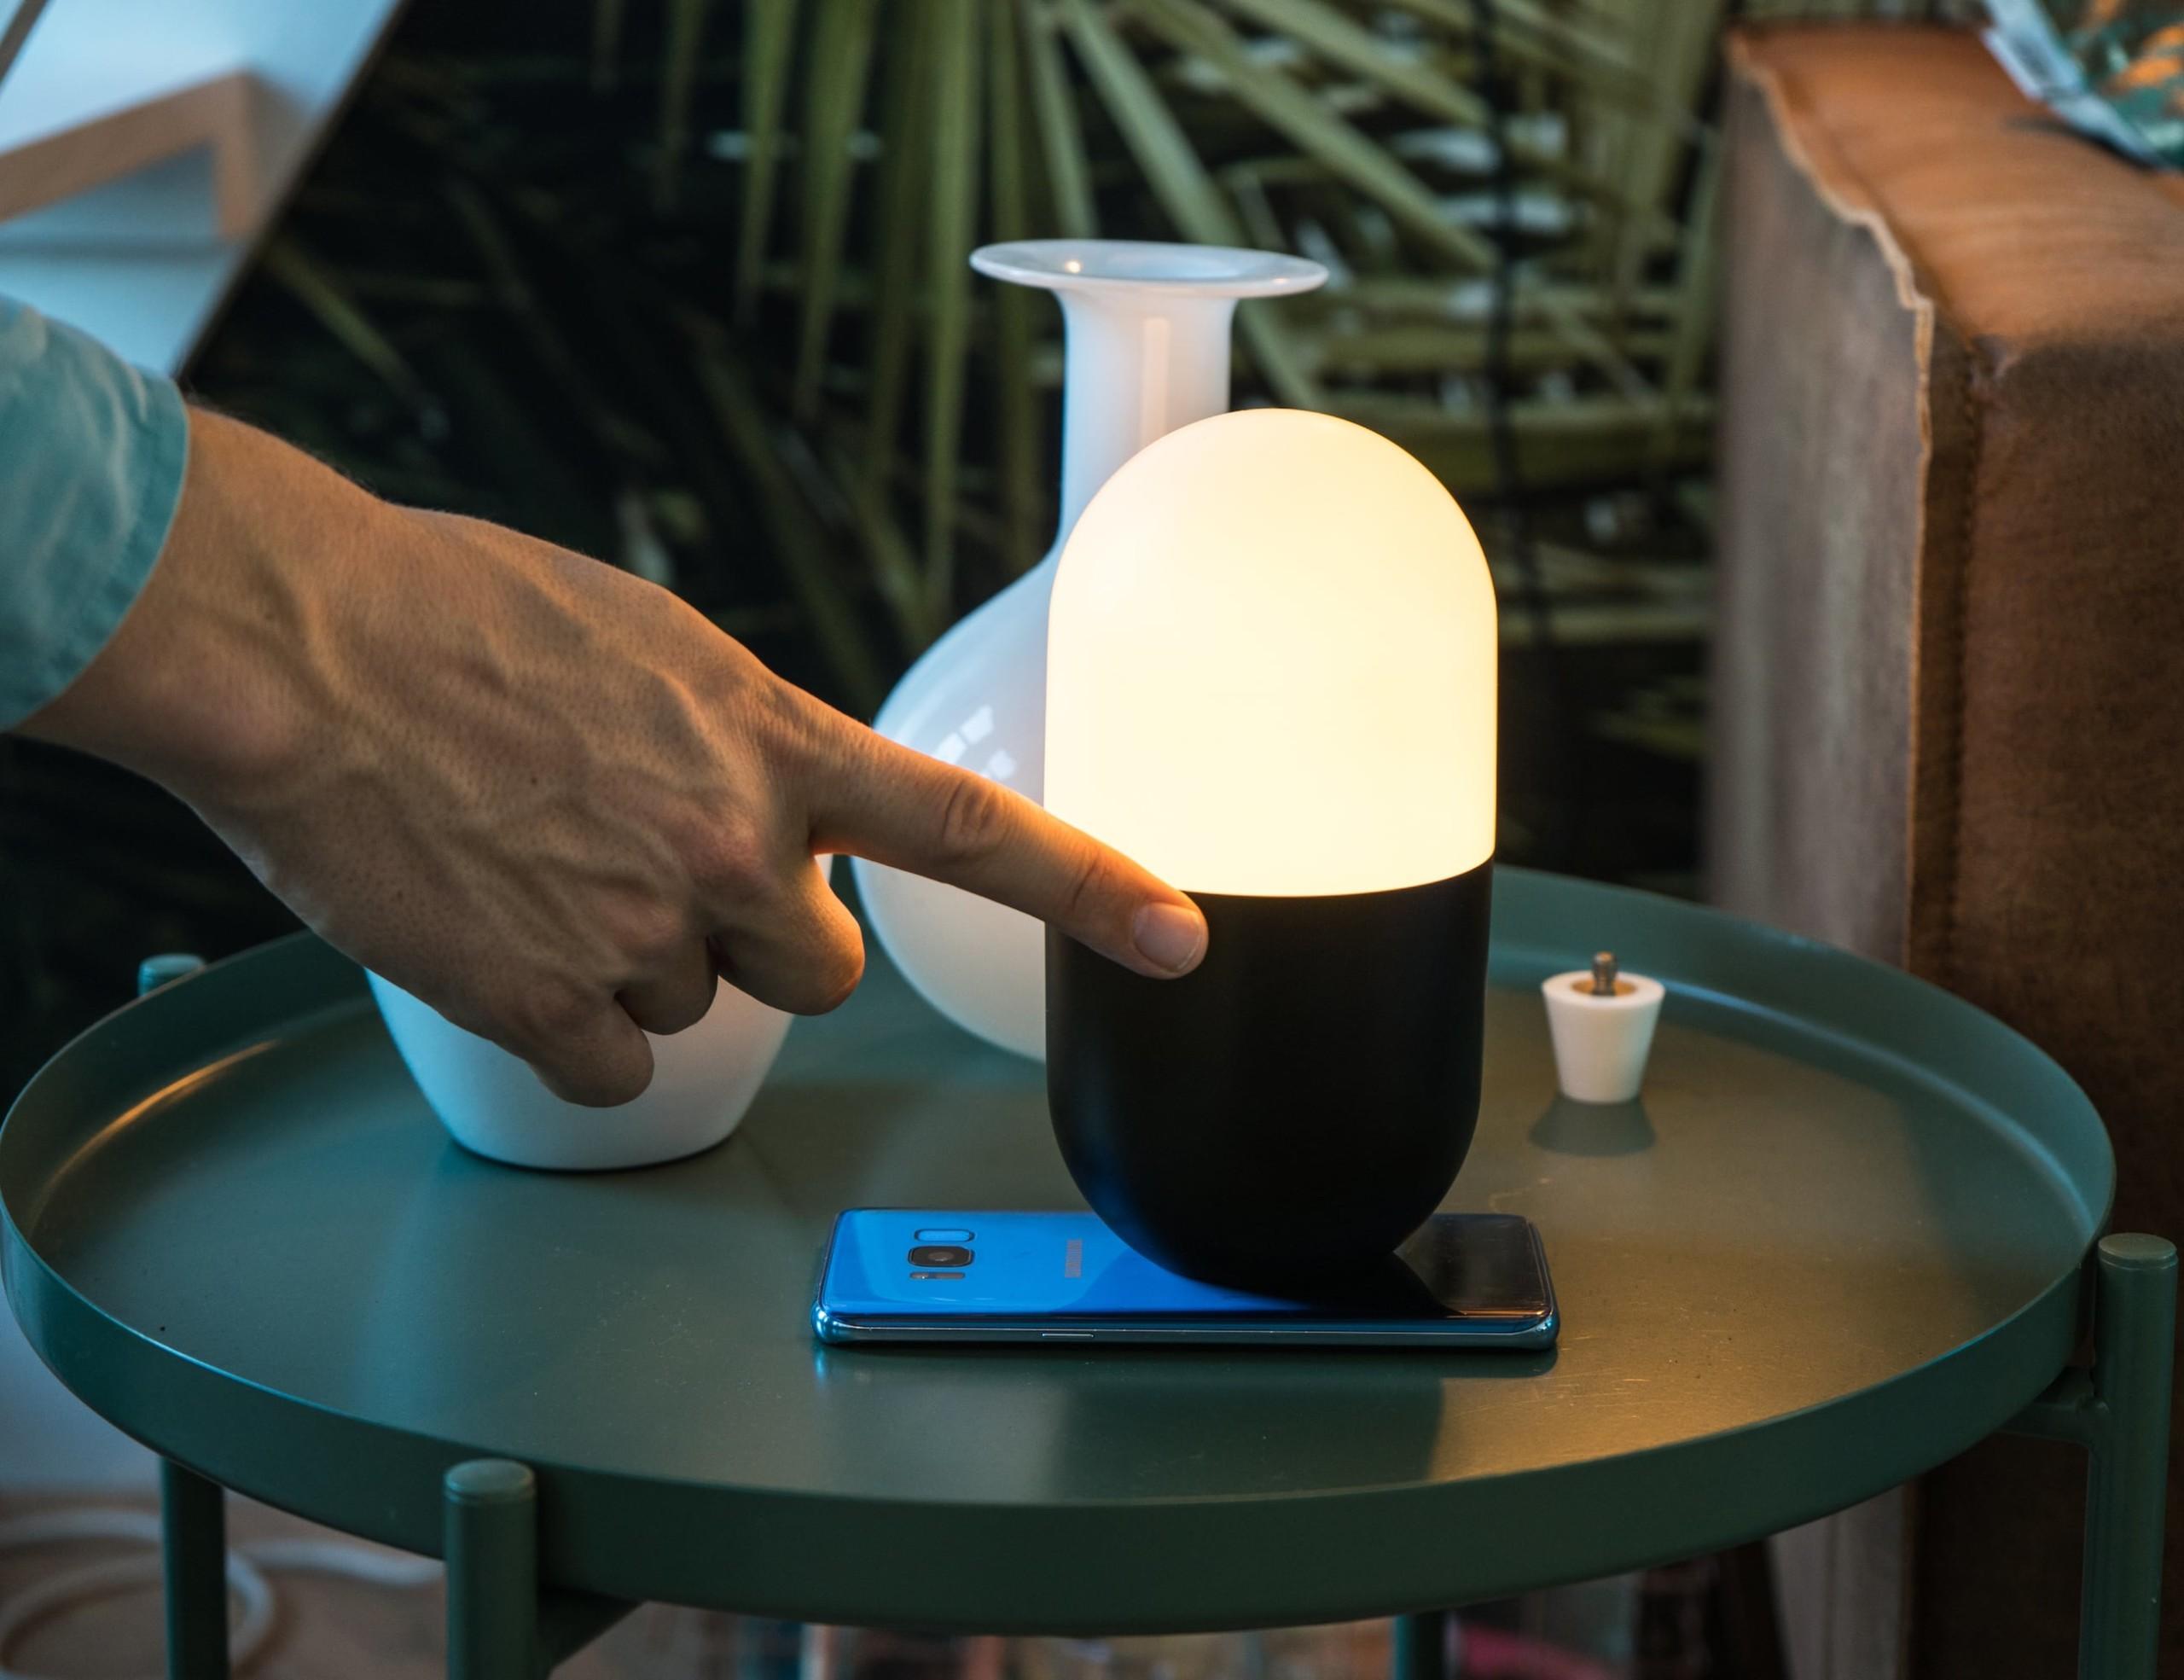 Lucis 3.0 Simple & Twist Portable Mood Lamp